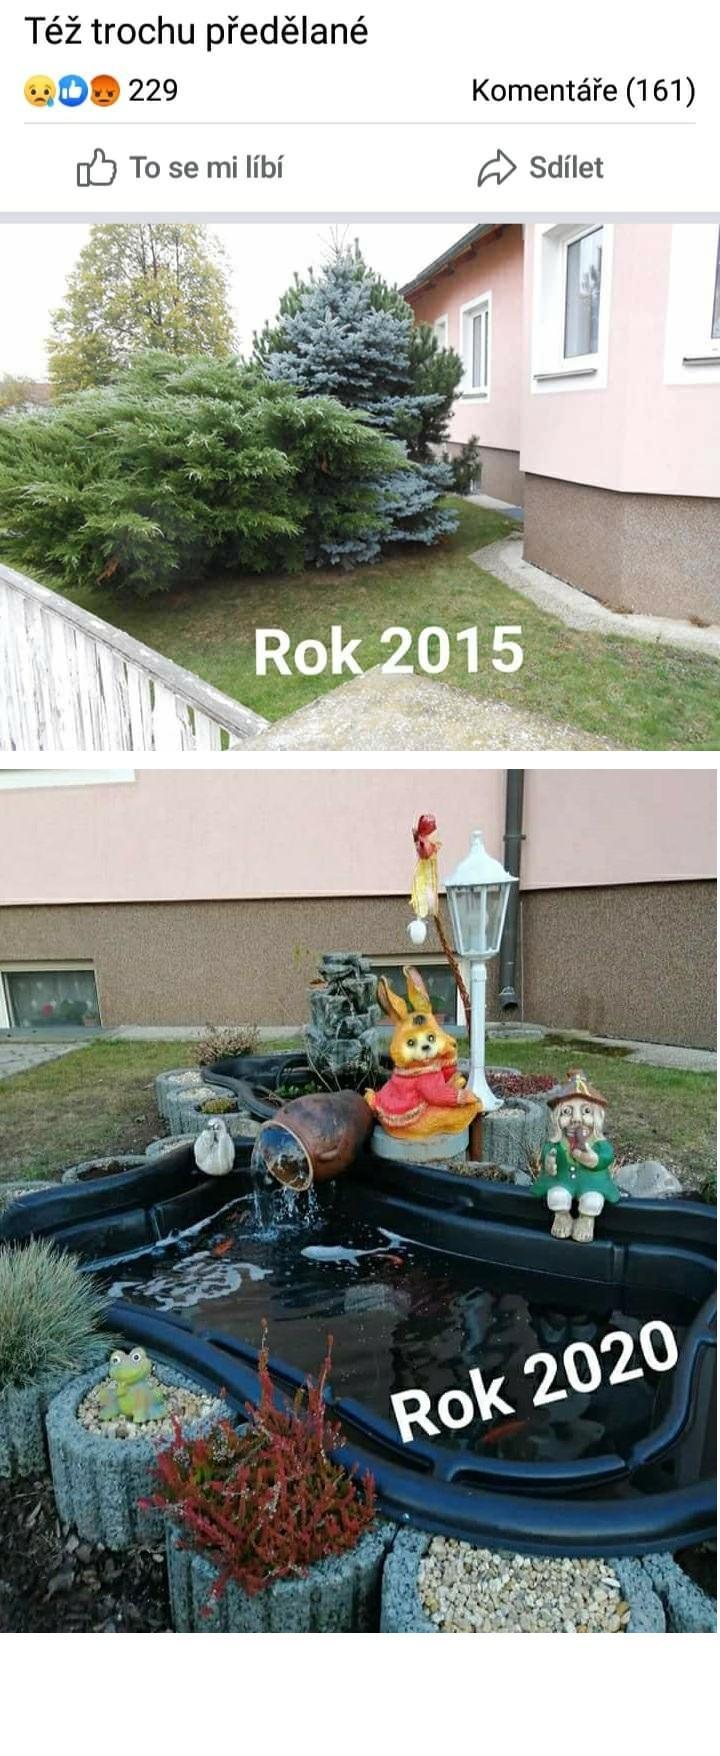 Obrázek Roumenistazvelebujebarak2